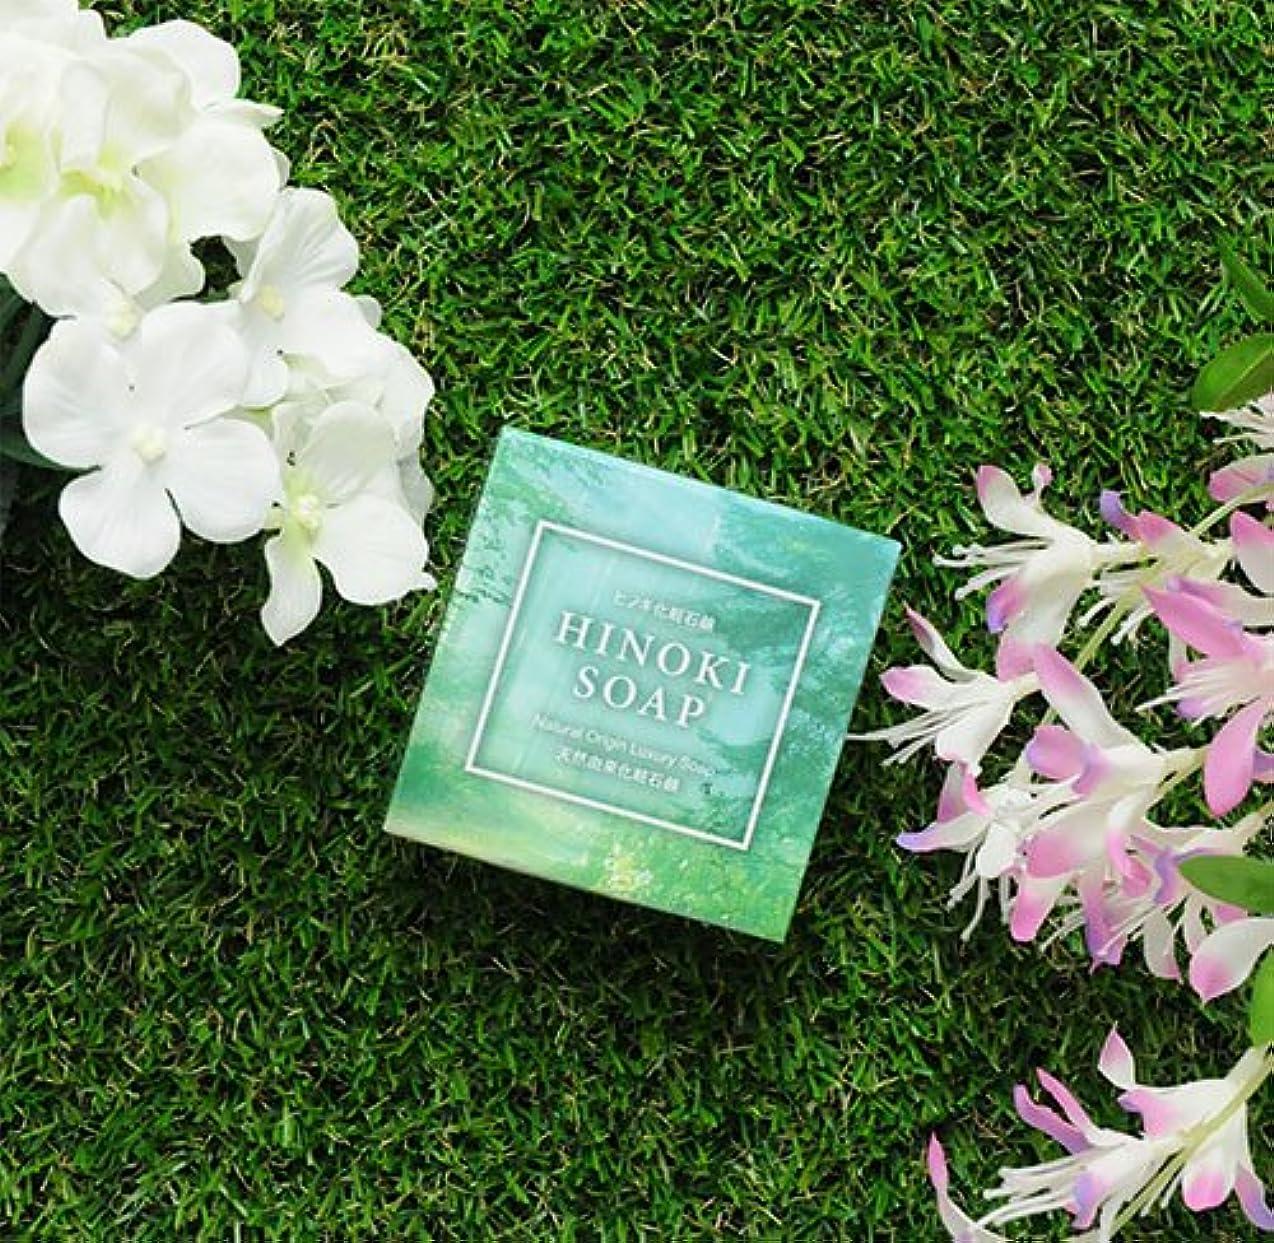 デイジー委員会オーラルHINOKI Soap 天然由来 ひのき 化粧石鹸 (天然由来)‐KH092276